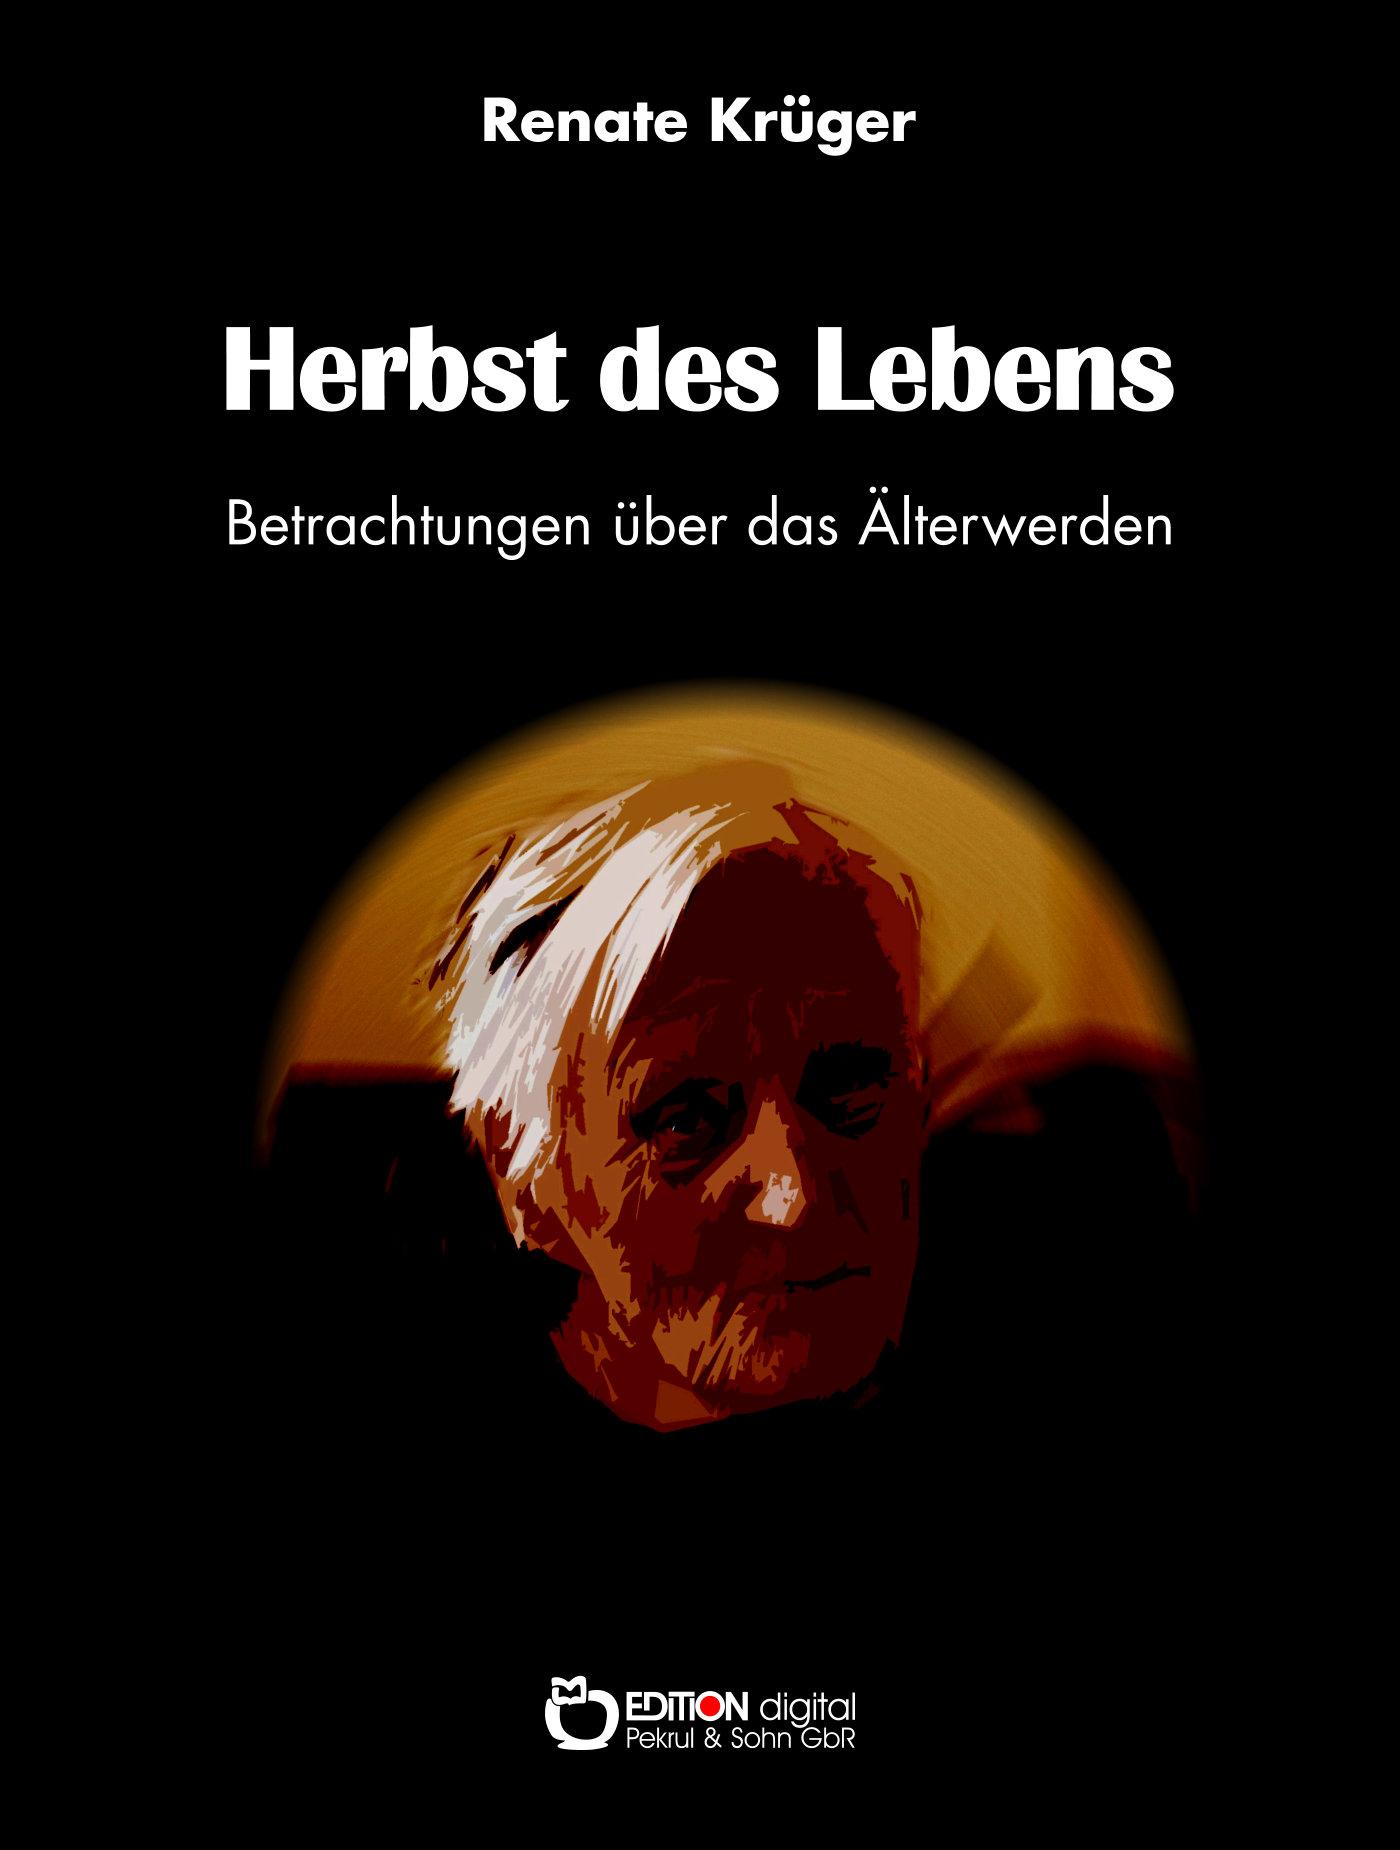 Herbst des Lebens. Betrachtungen über das Älterwerden von Renate Krüger